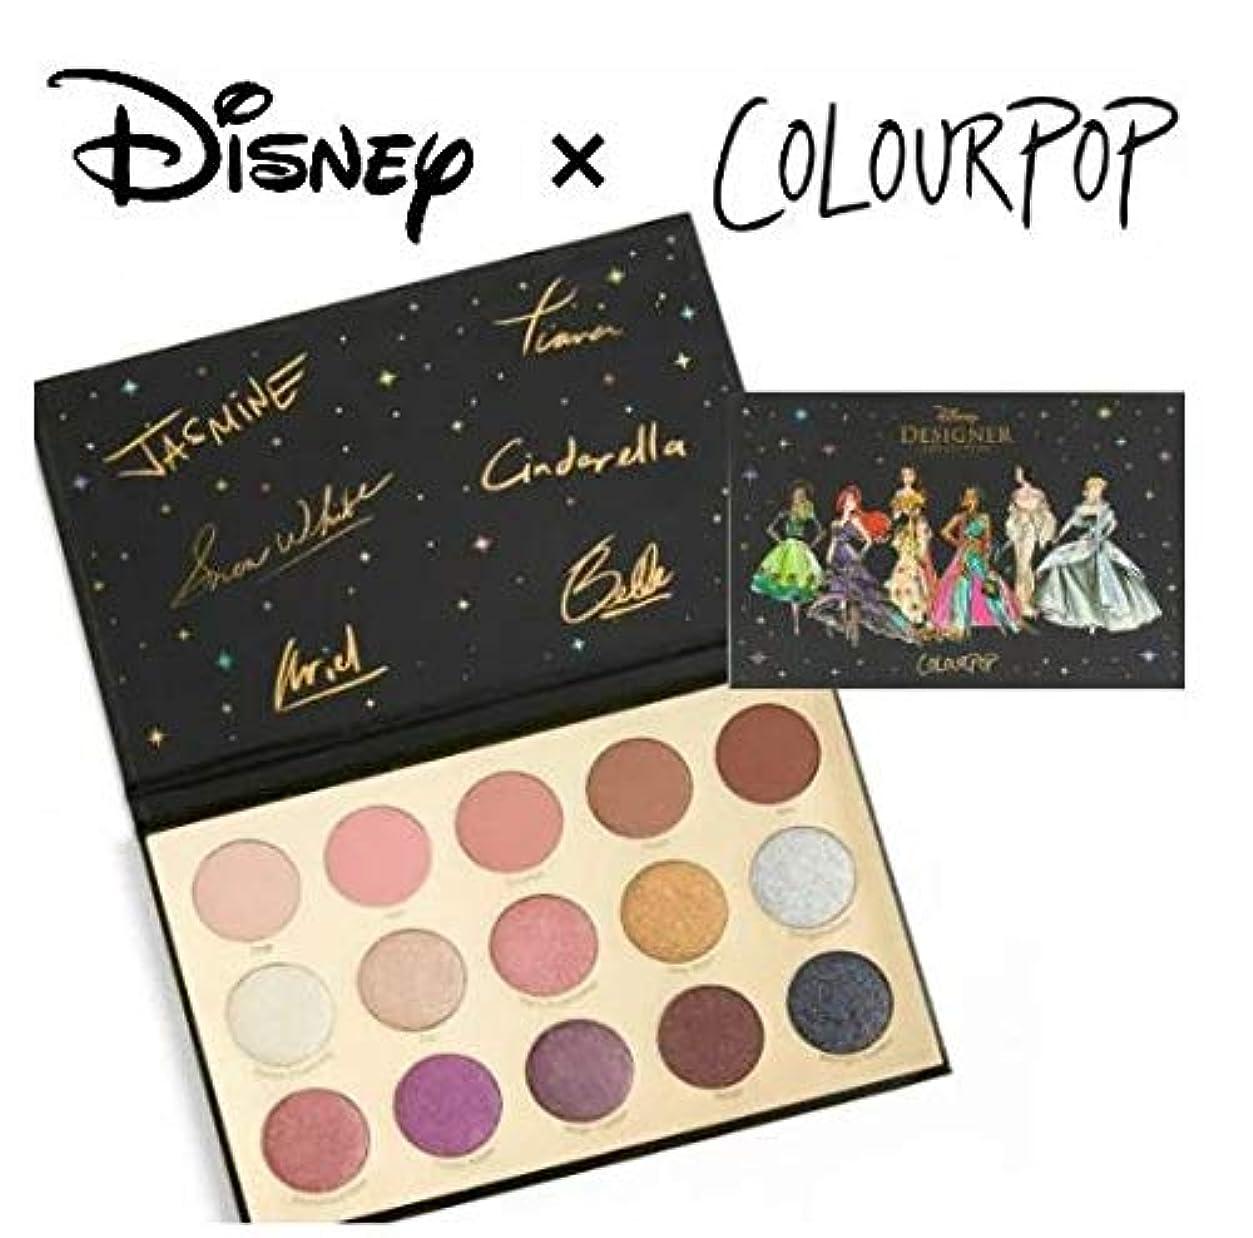 経験こする演じるディズニーデザイナーコレクション カラーポップ COLOURPOP x DISNEYプリンセス アイシャドウパレット 15色